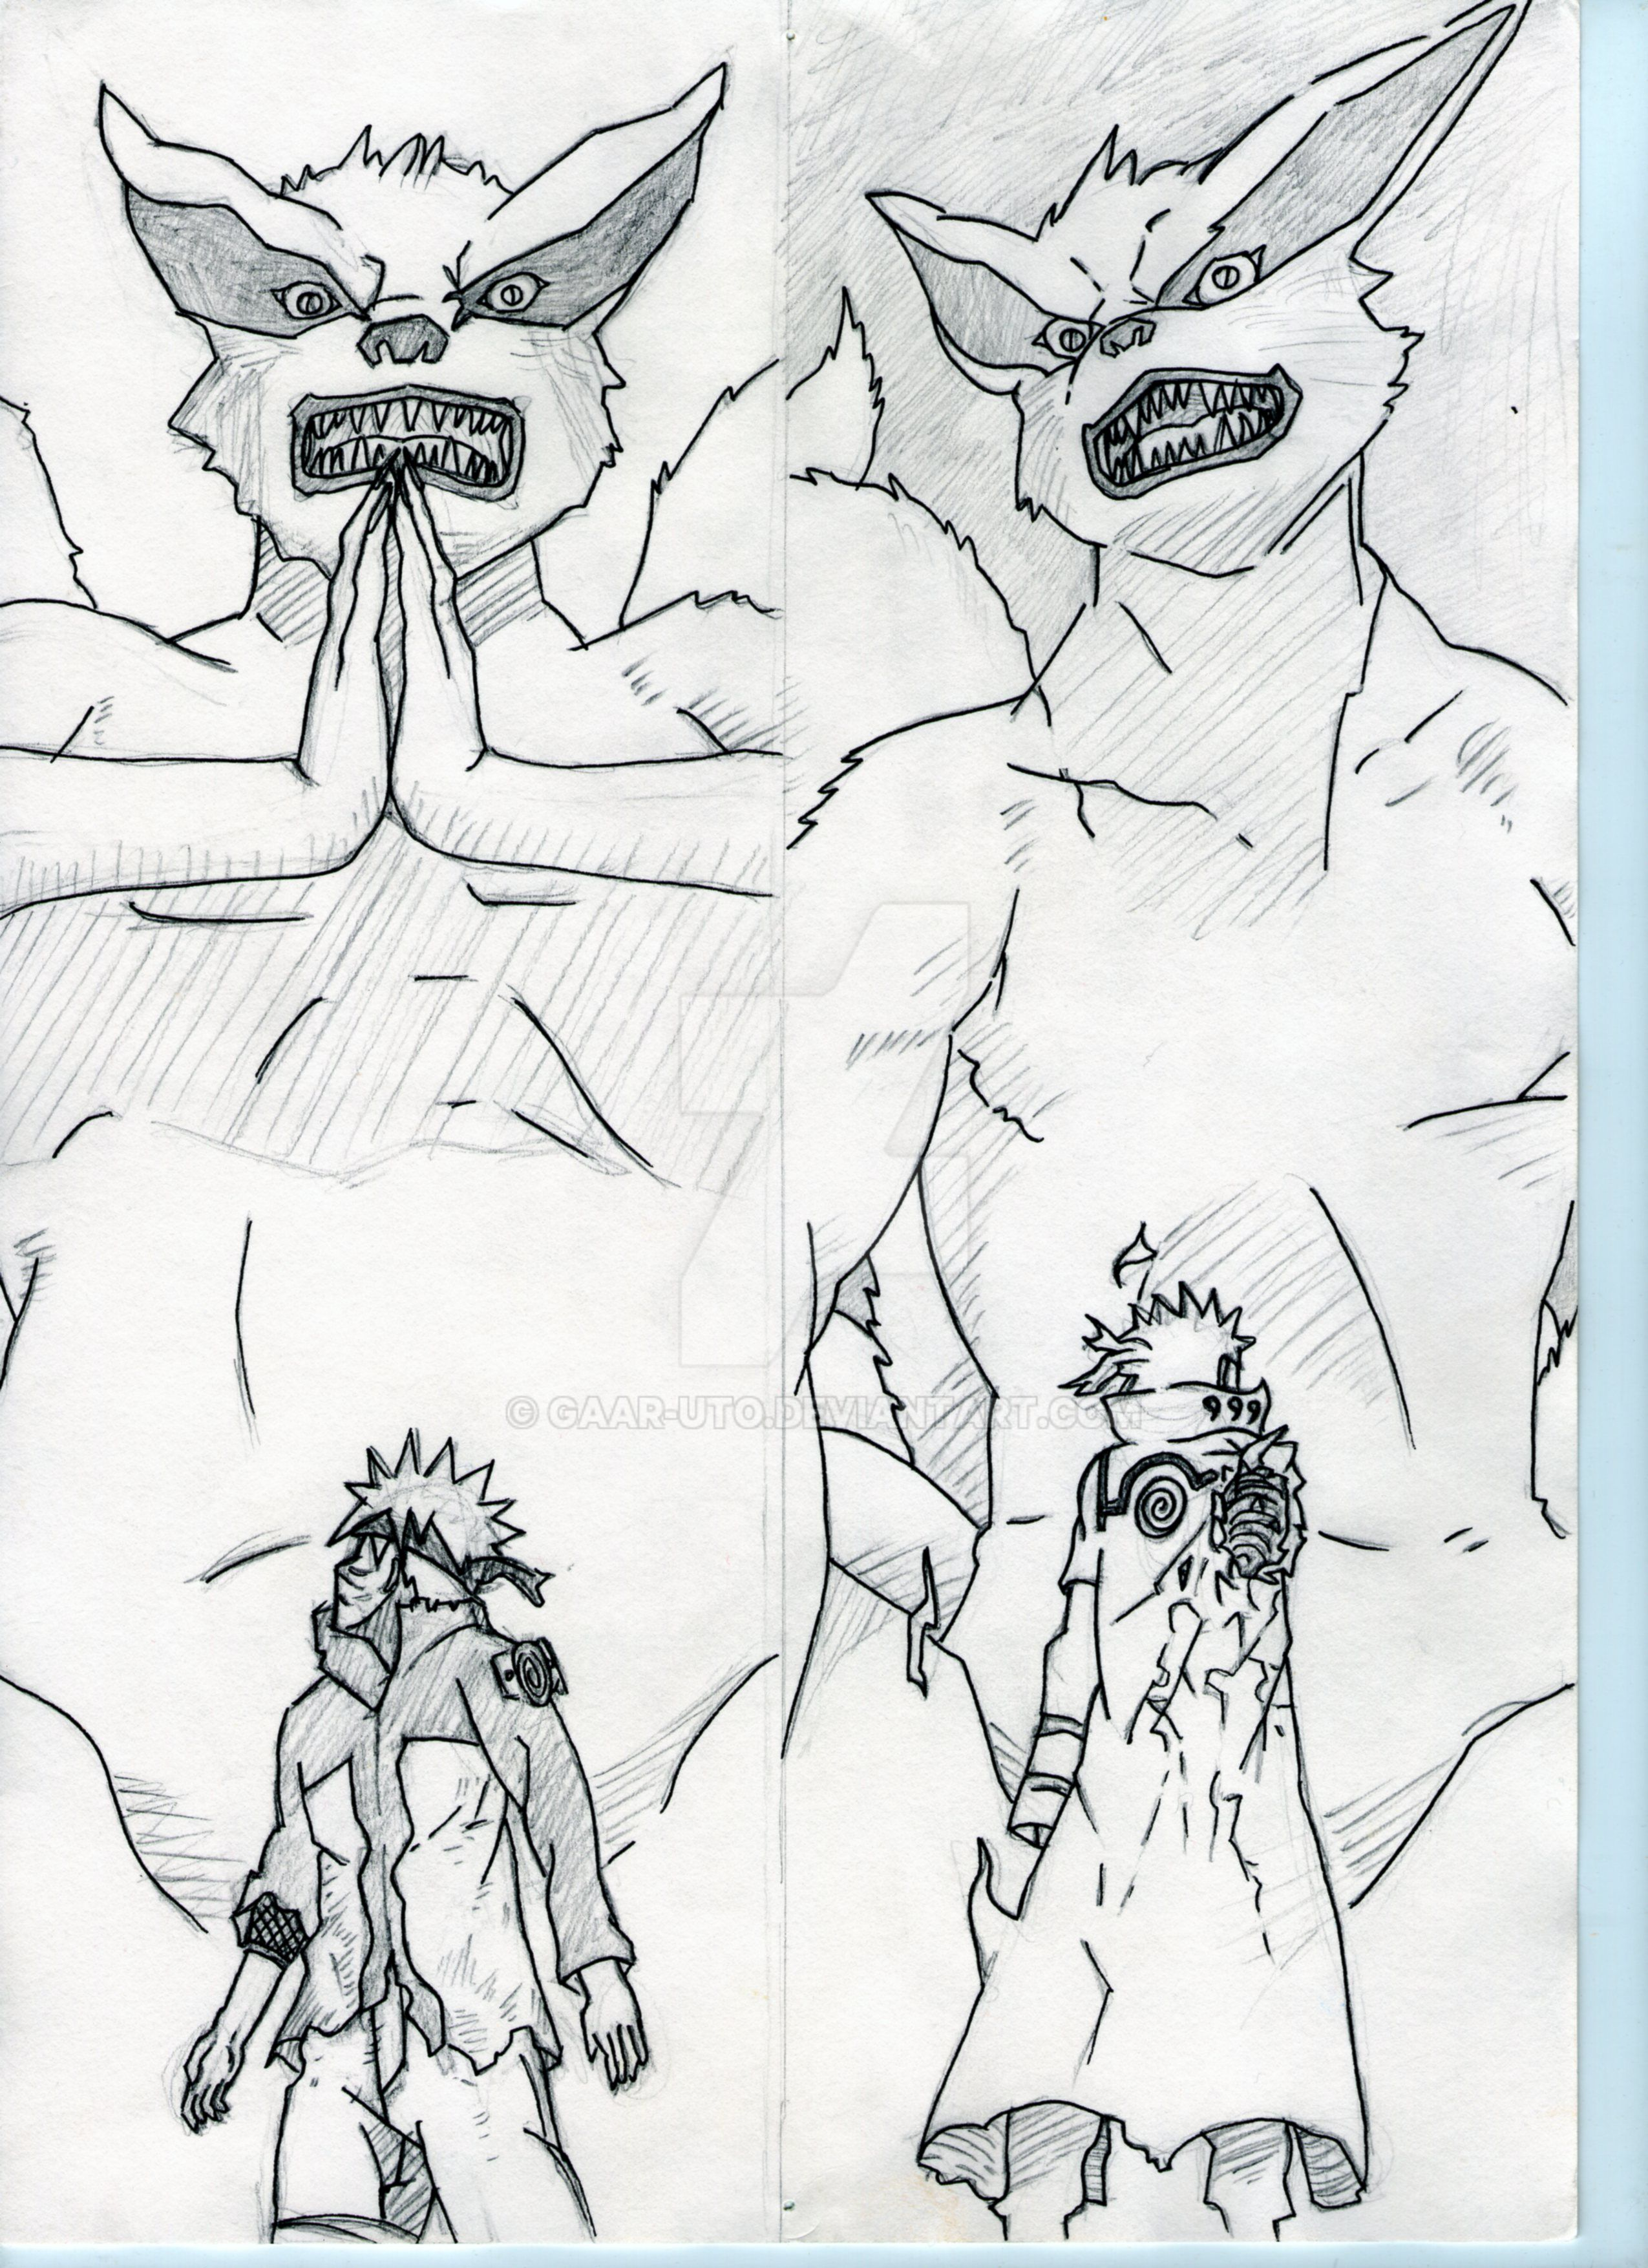 Naruto+Minato+Kurama by Gaar-uto